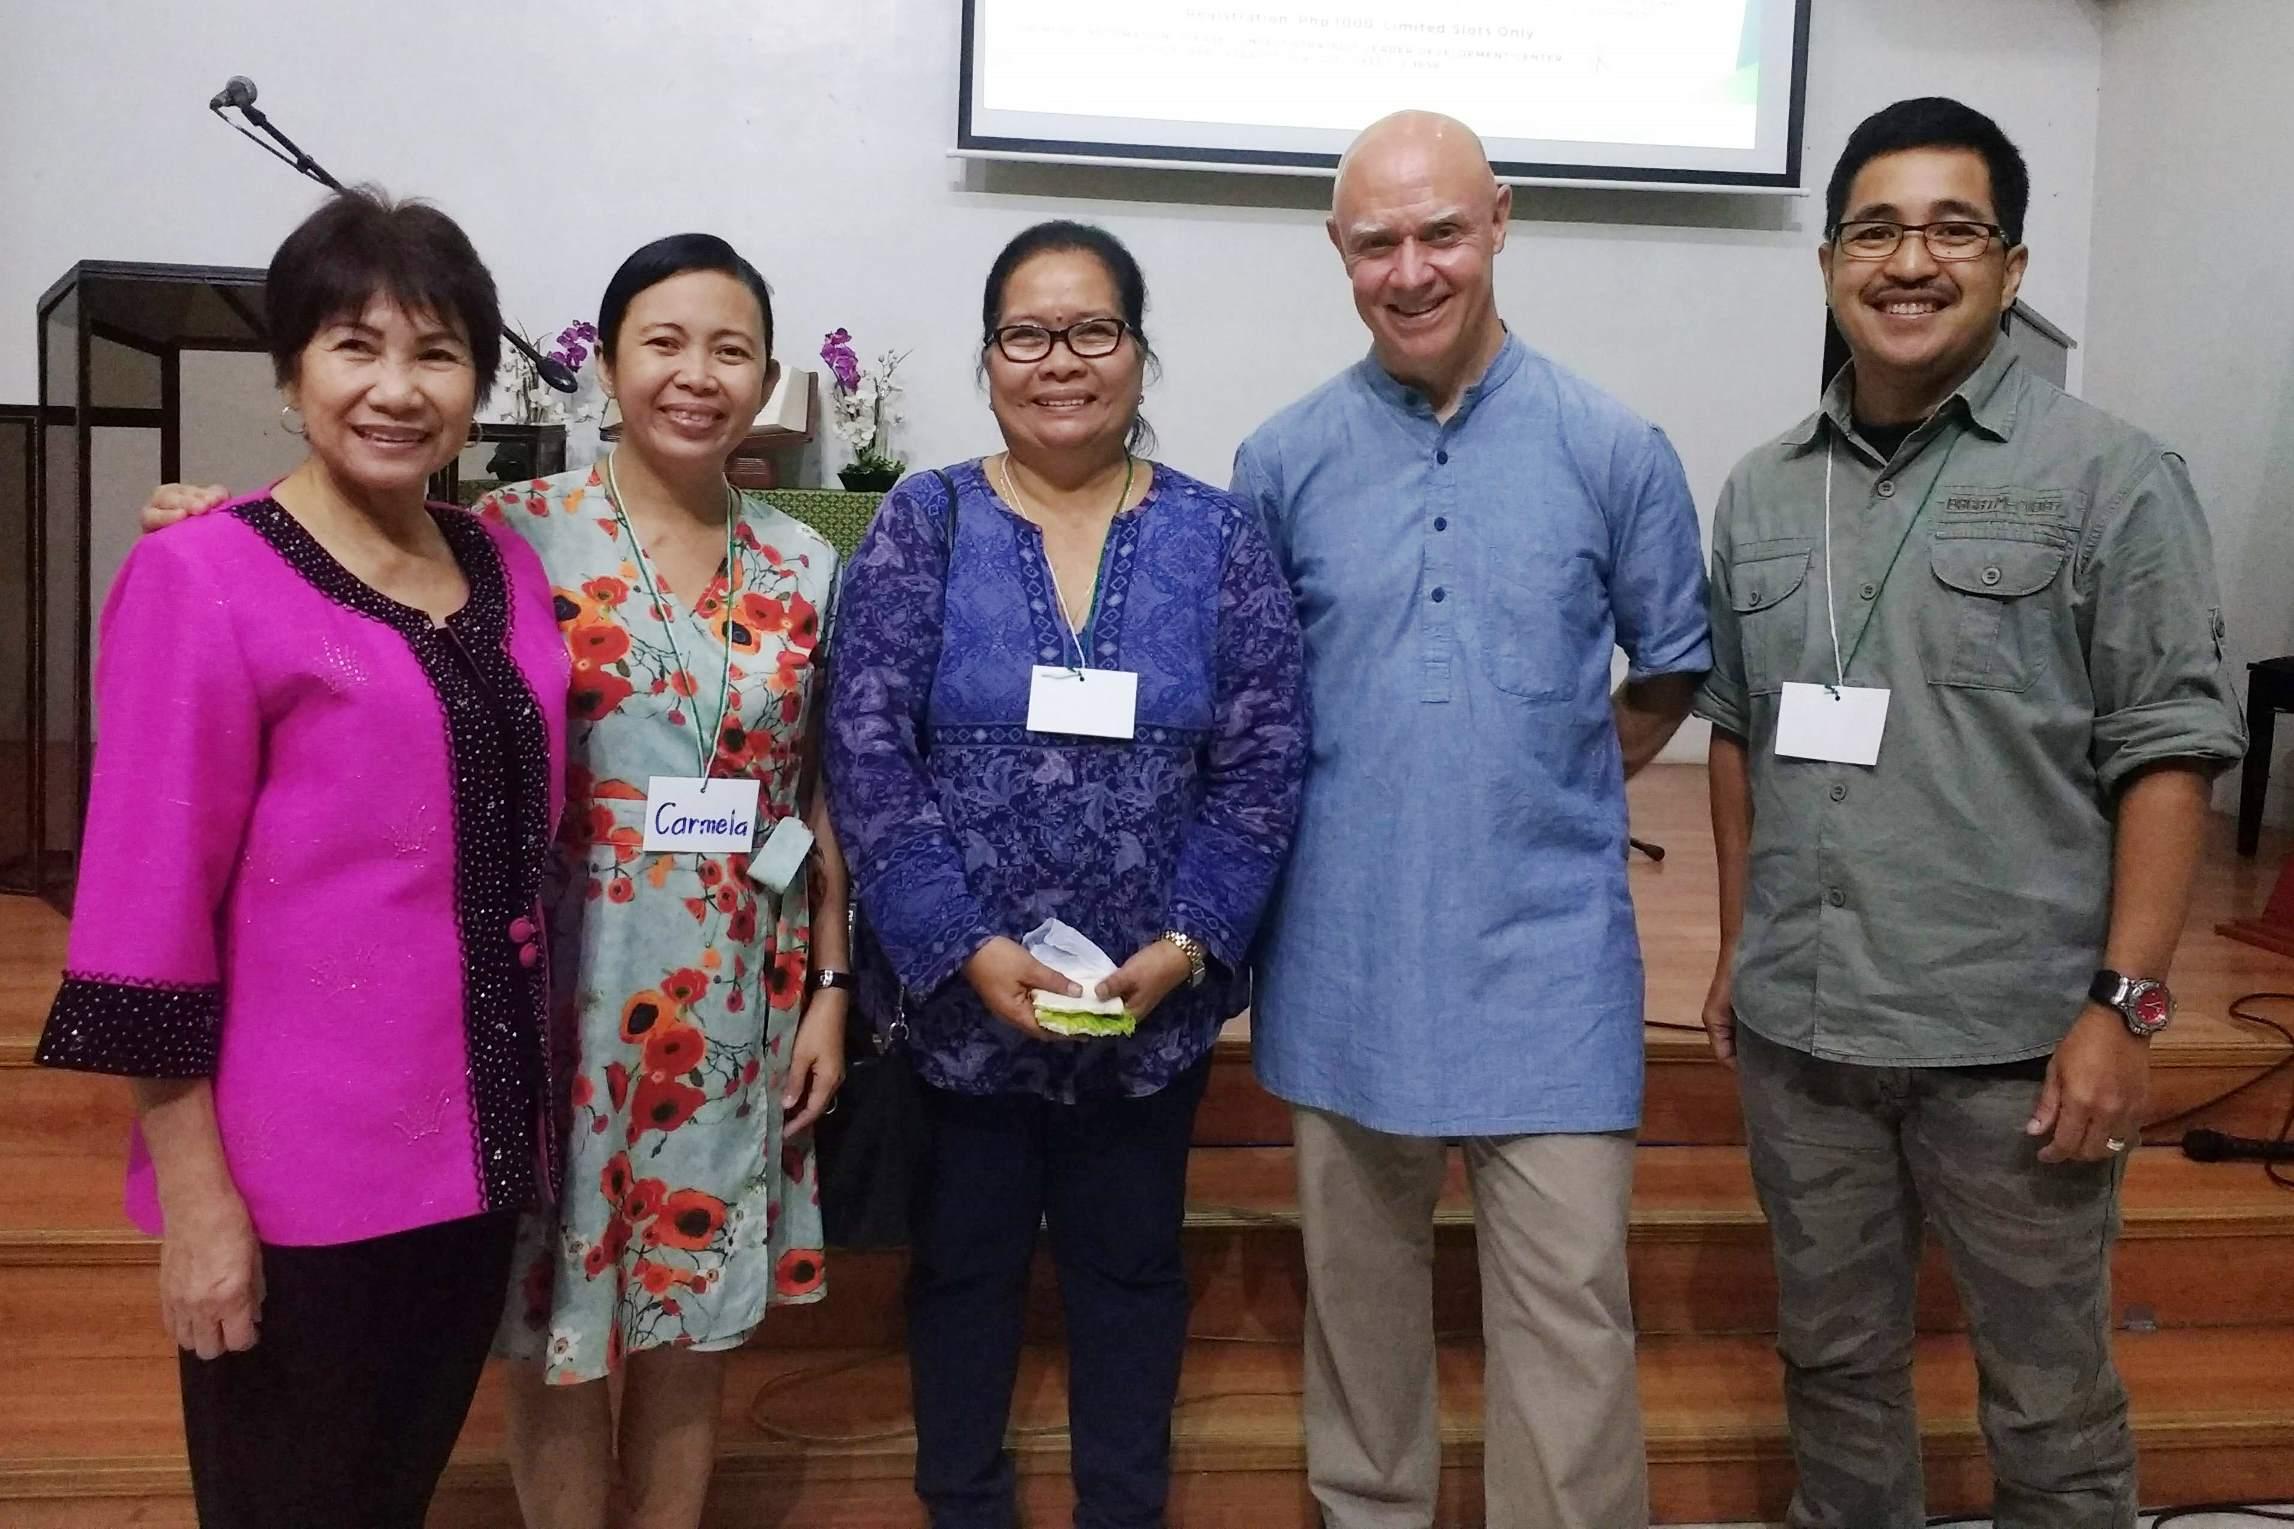 Membros da direção da CIC com Dave Bookless (a partir da esquerda: dr.ª Zenet Maramara, professora Carmela Española, Lydia Robledo, Dave Bookless e o pastor Dave Trinidad)